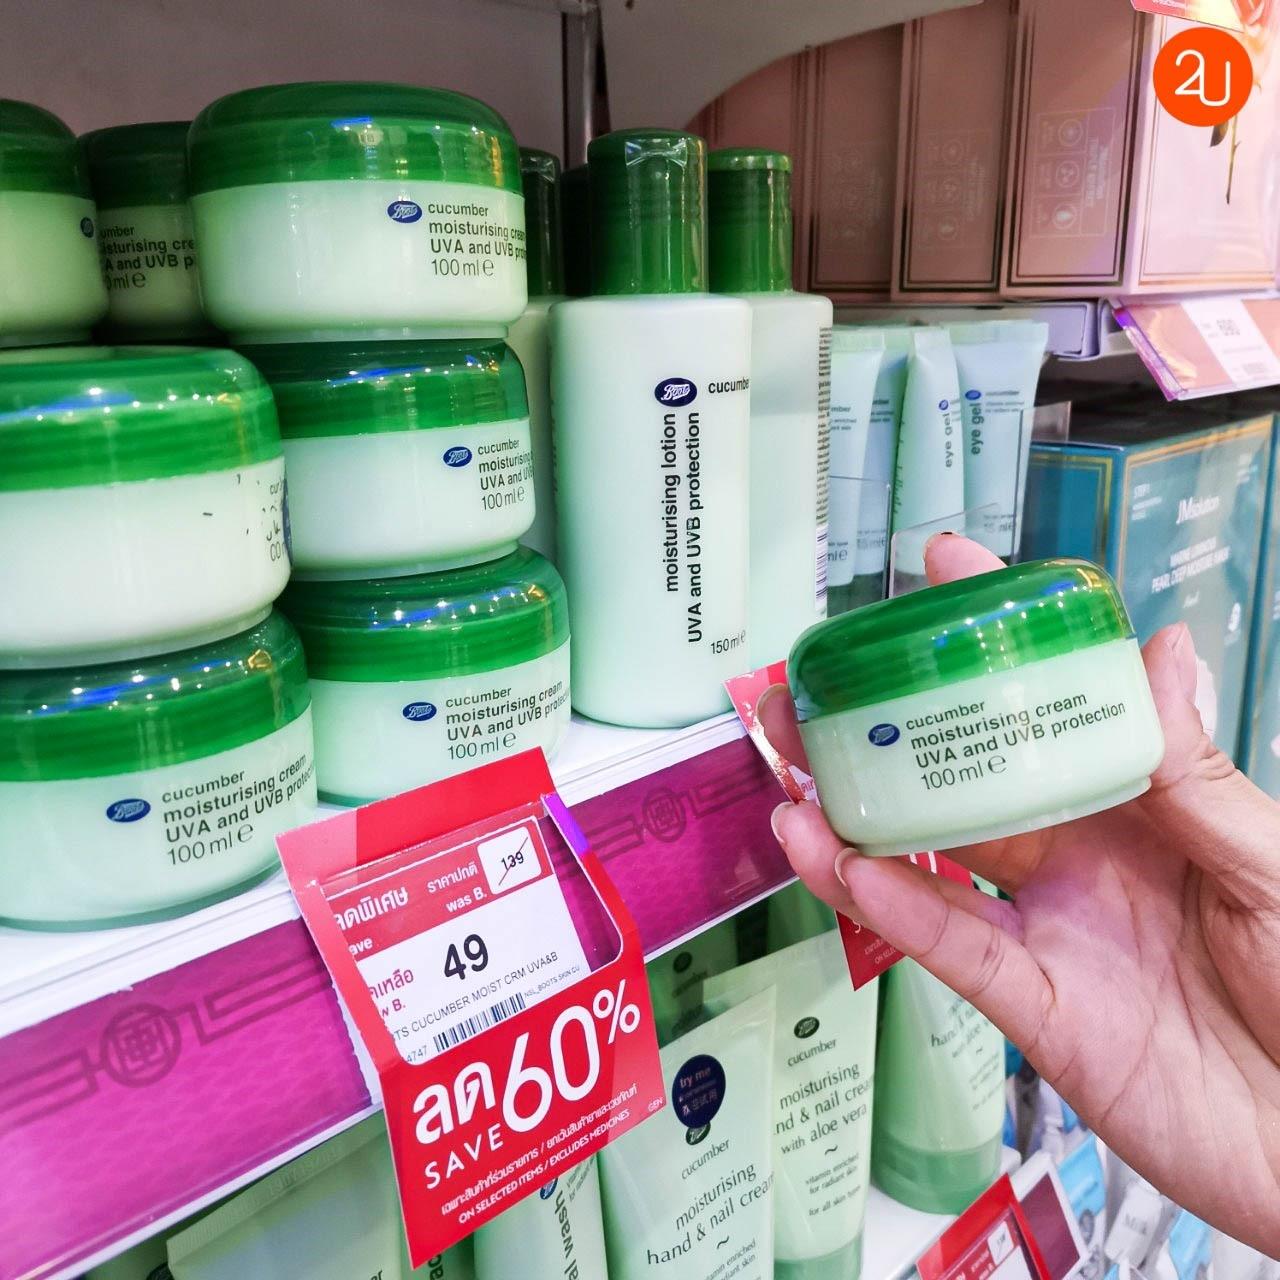 Cucumber Moisturising Cream UVA and UVB protection